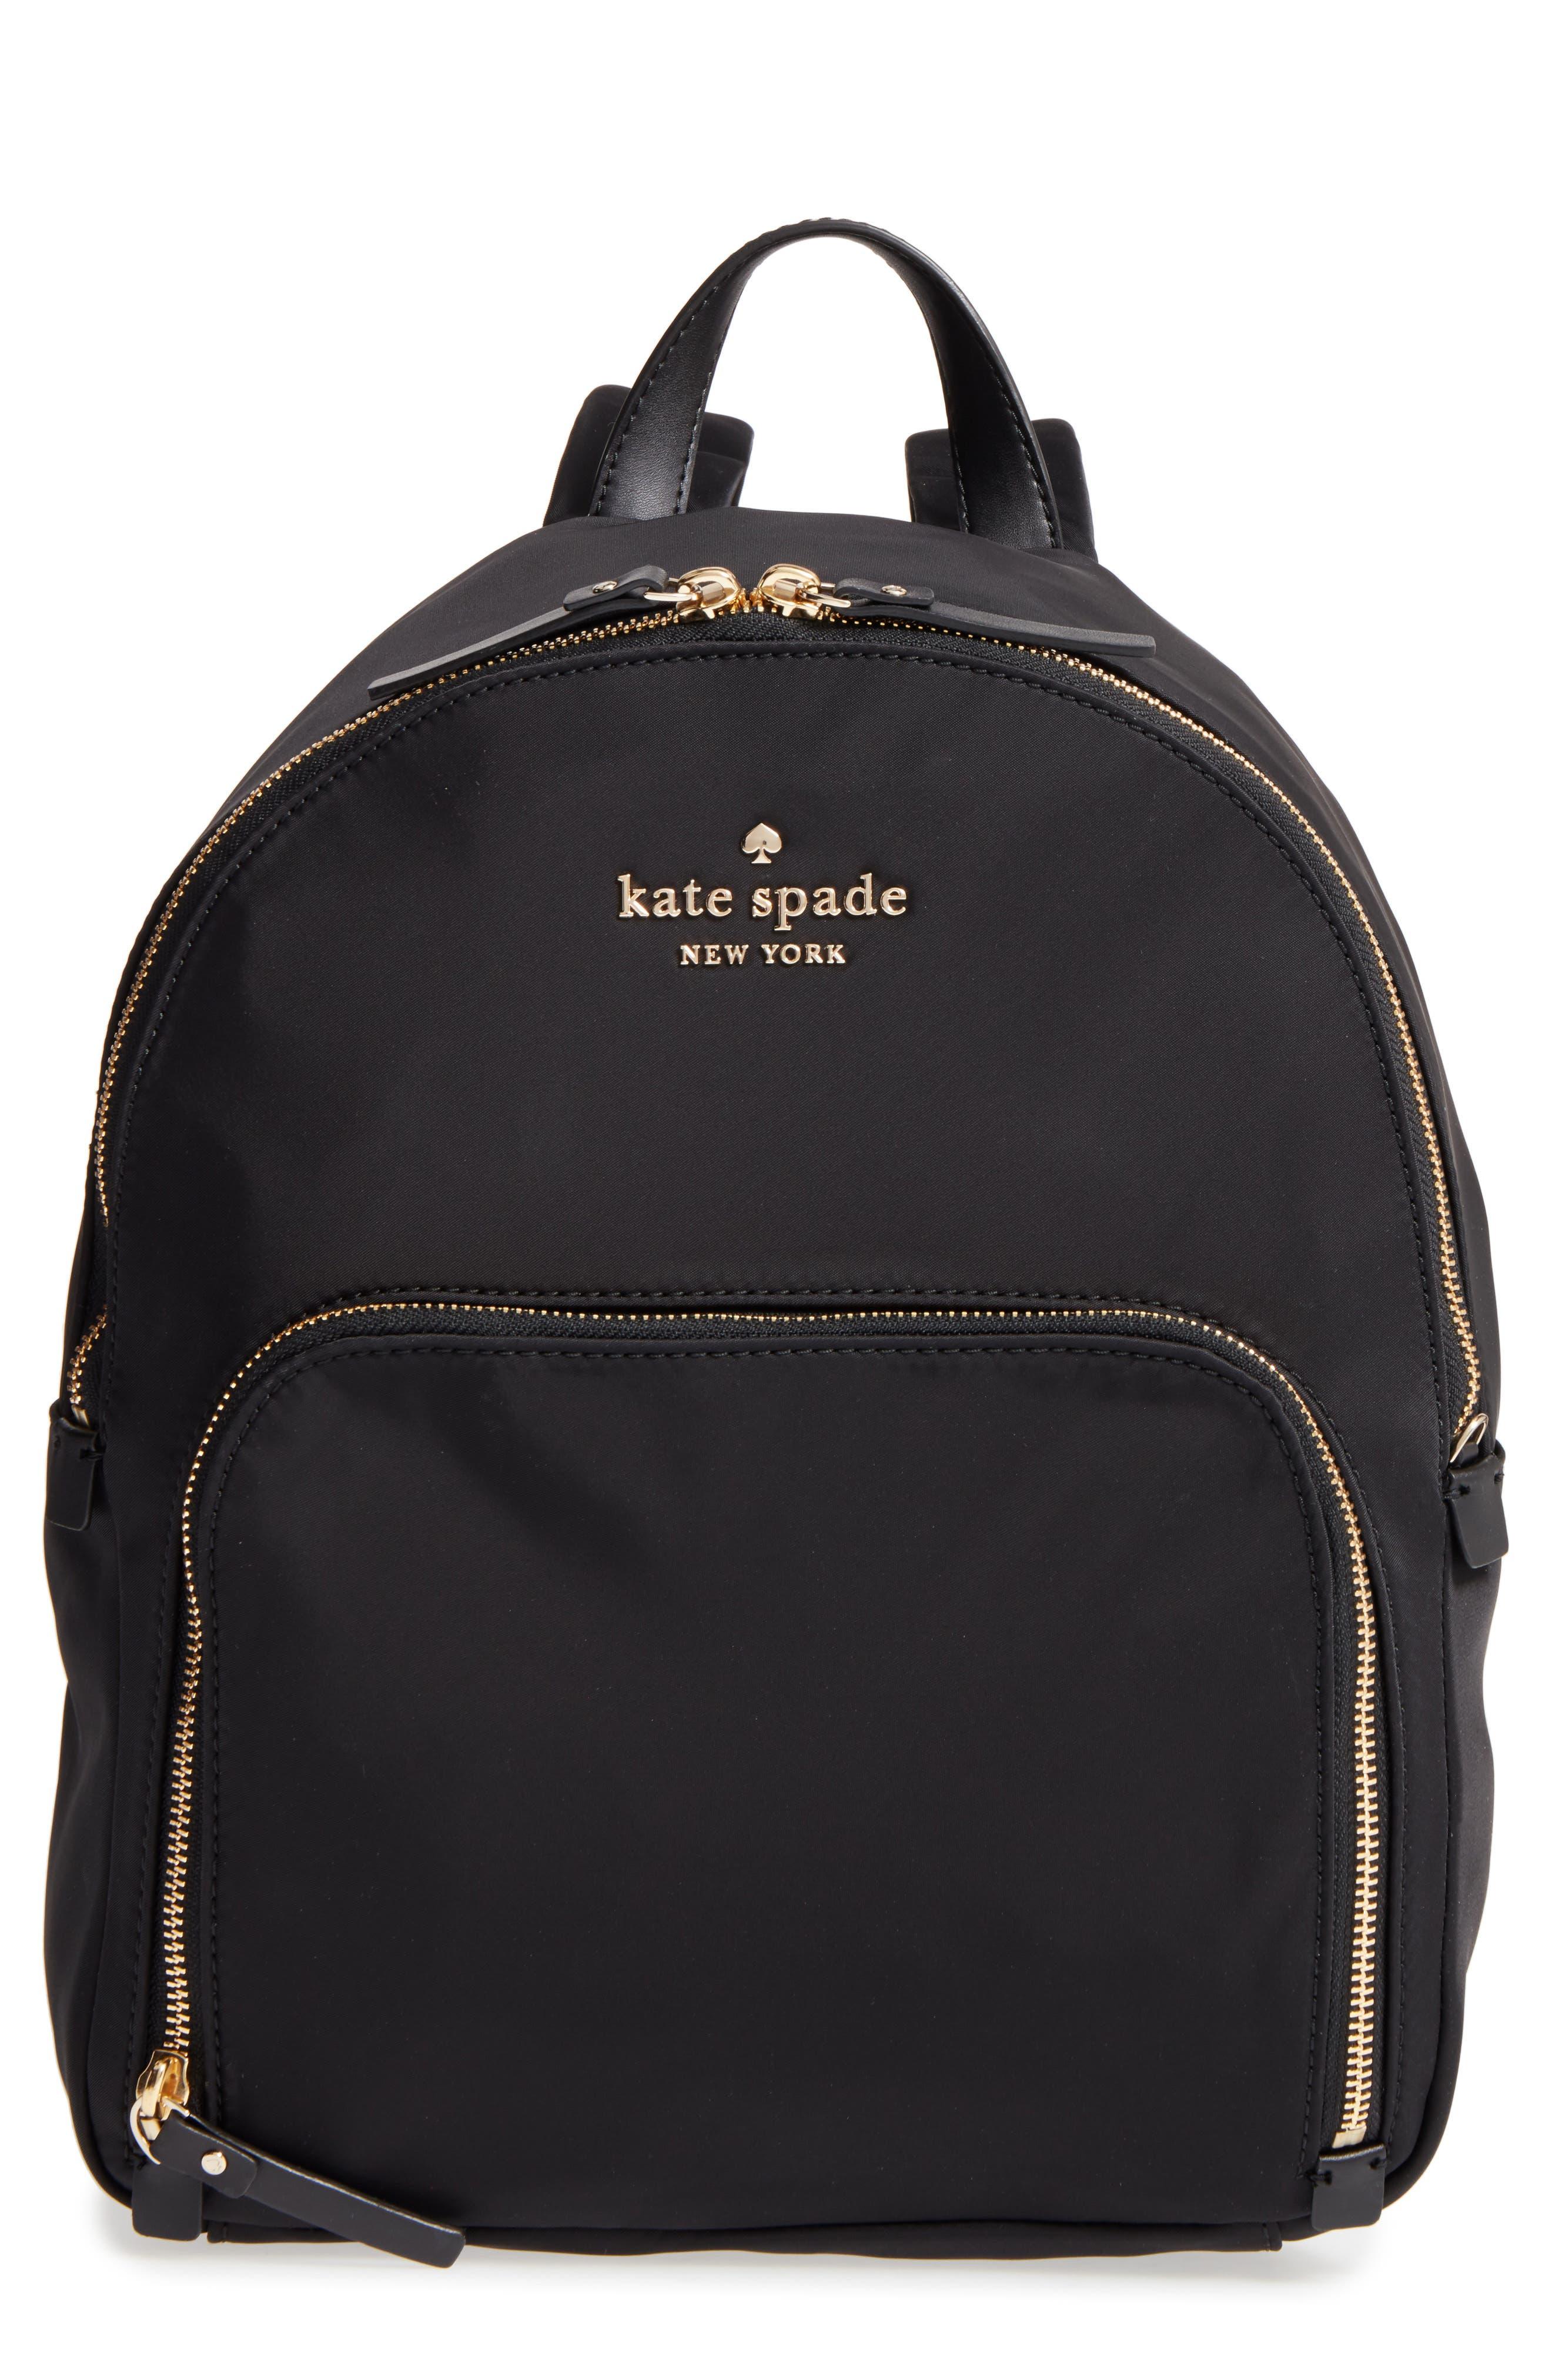 watson lane - hartley nylon backpack,                             Main thumbnail 1, color,                             BLACK